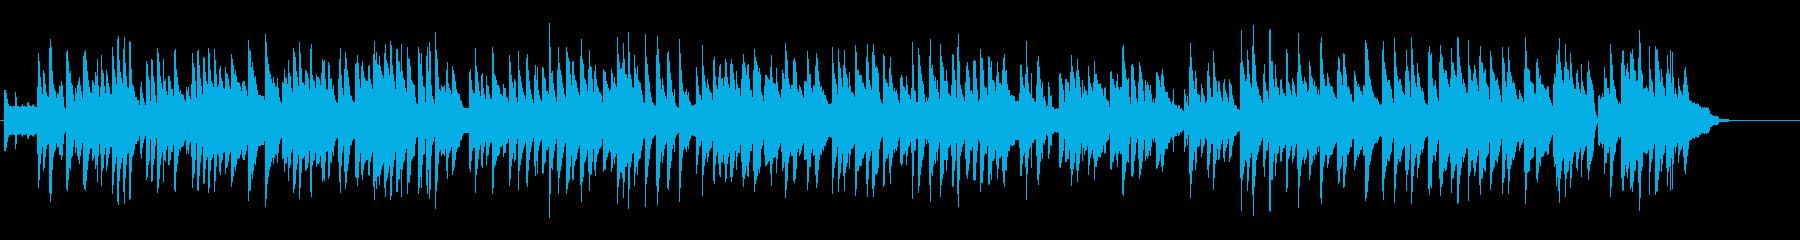 しっとり大人のムードがあるピアノ伴奏の再生済みの波形